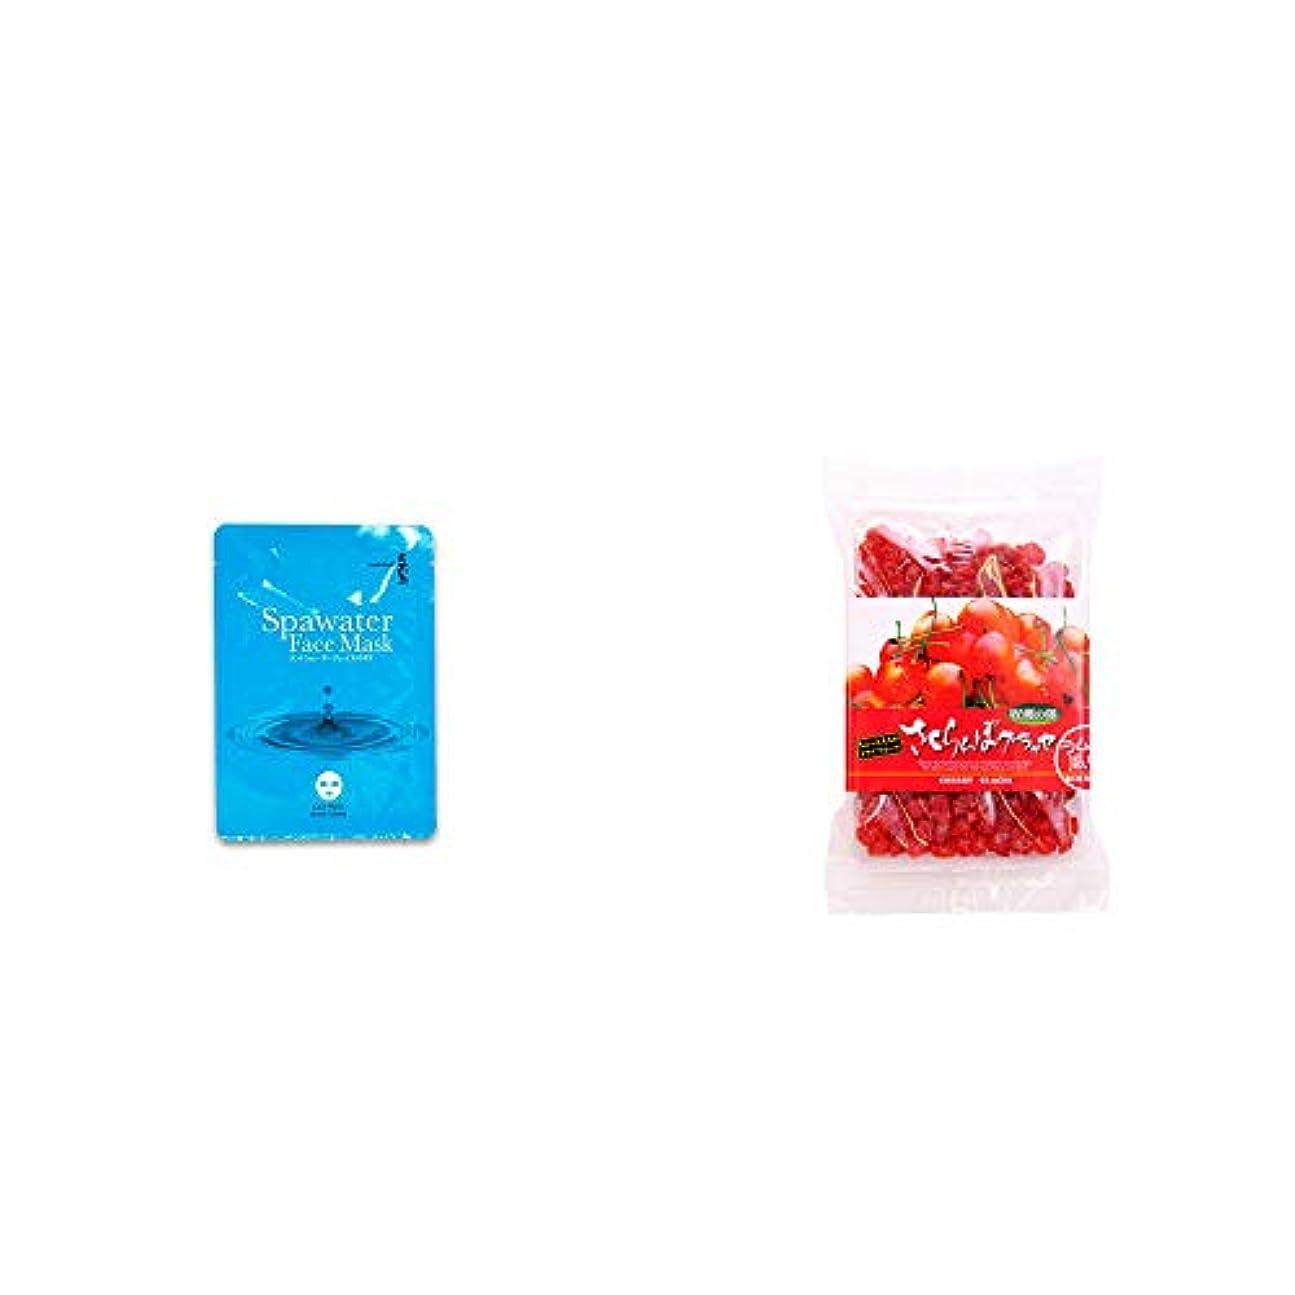 シャッフル逃げるグロー[2点セット] ひのき炭黒泉 スパウォーターフェイスマスク(18ml×3枚入)?収穫の朝 さくらんぼグラッセ ラム酒風味(180g)